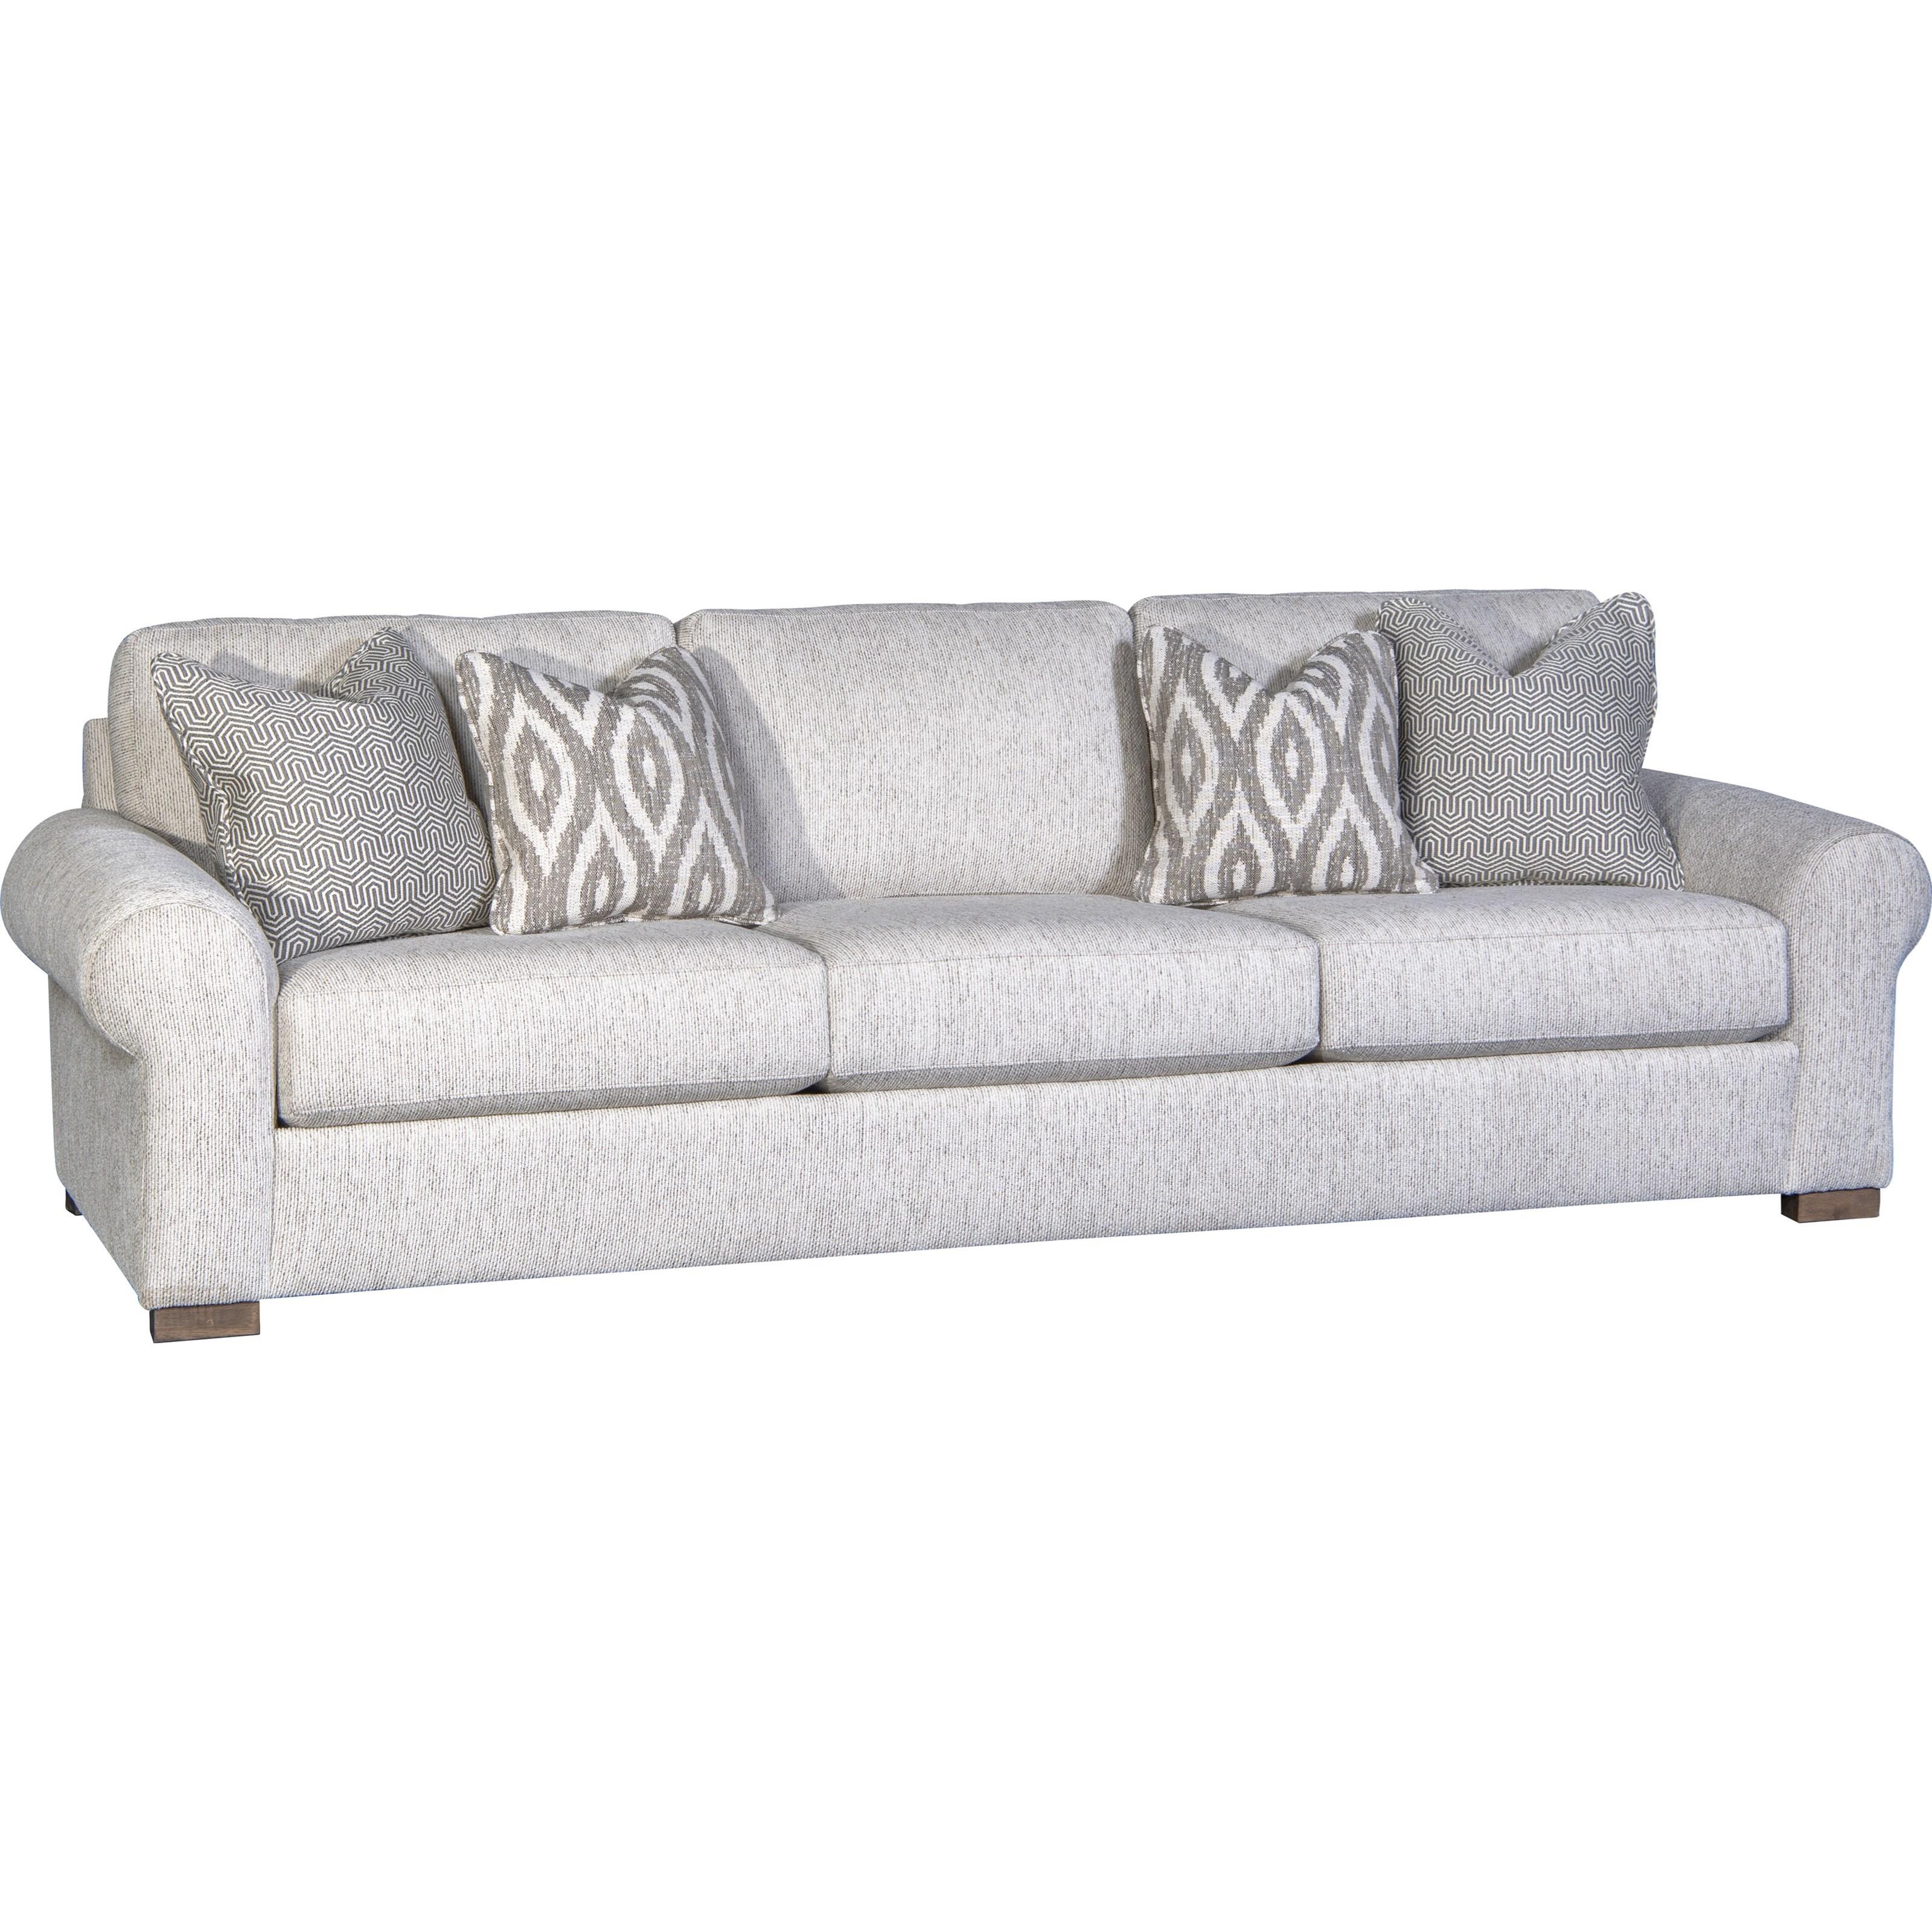 7202 sofa